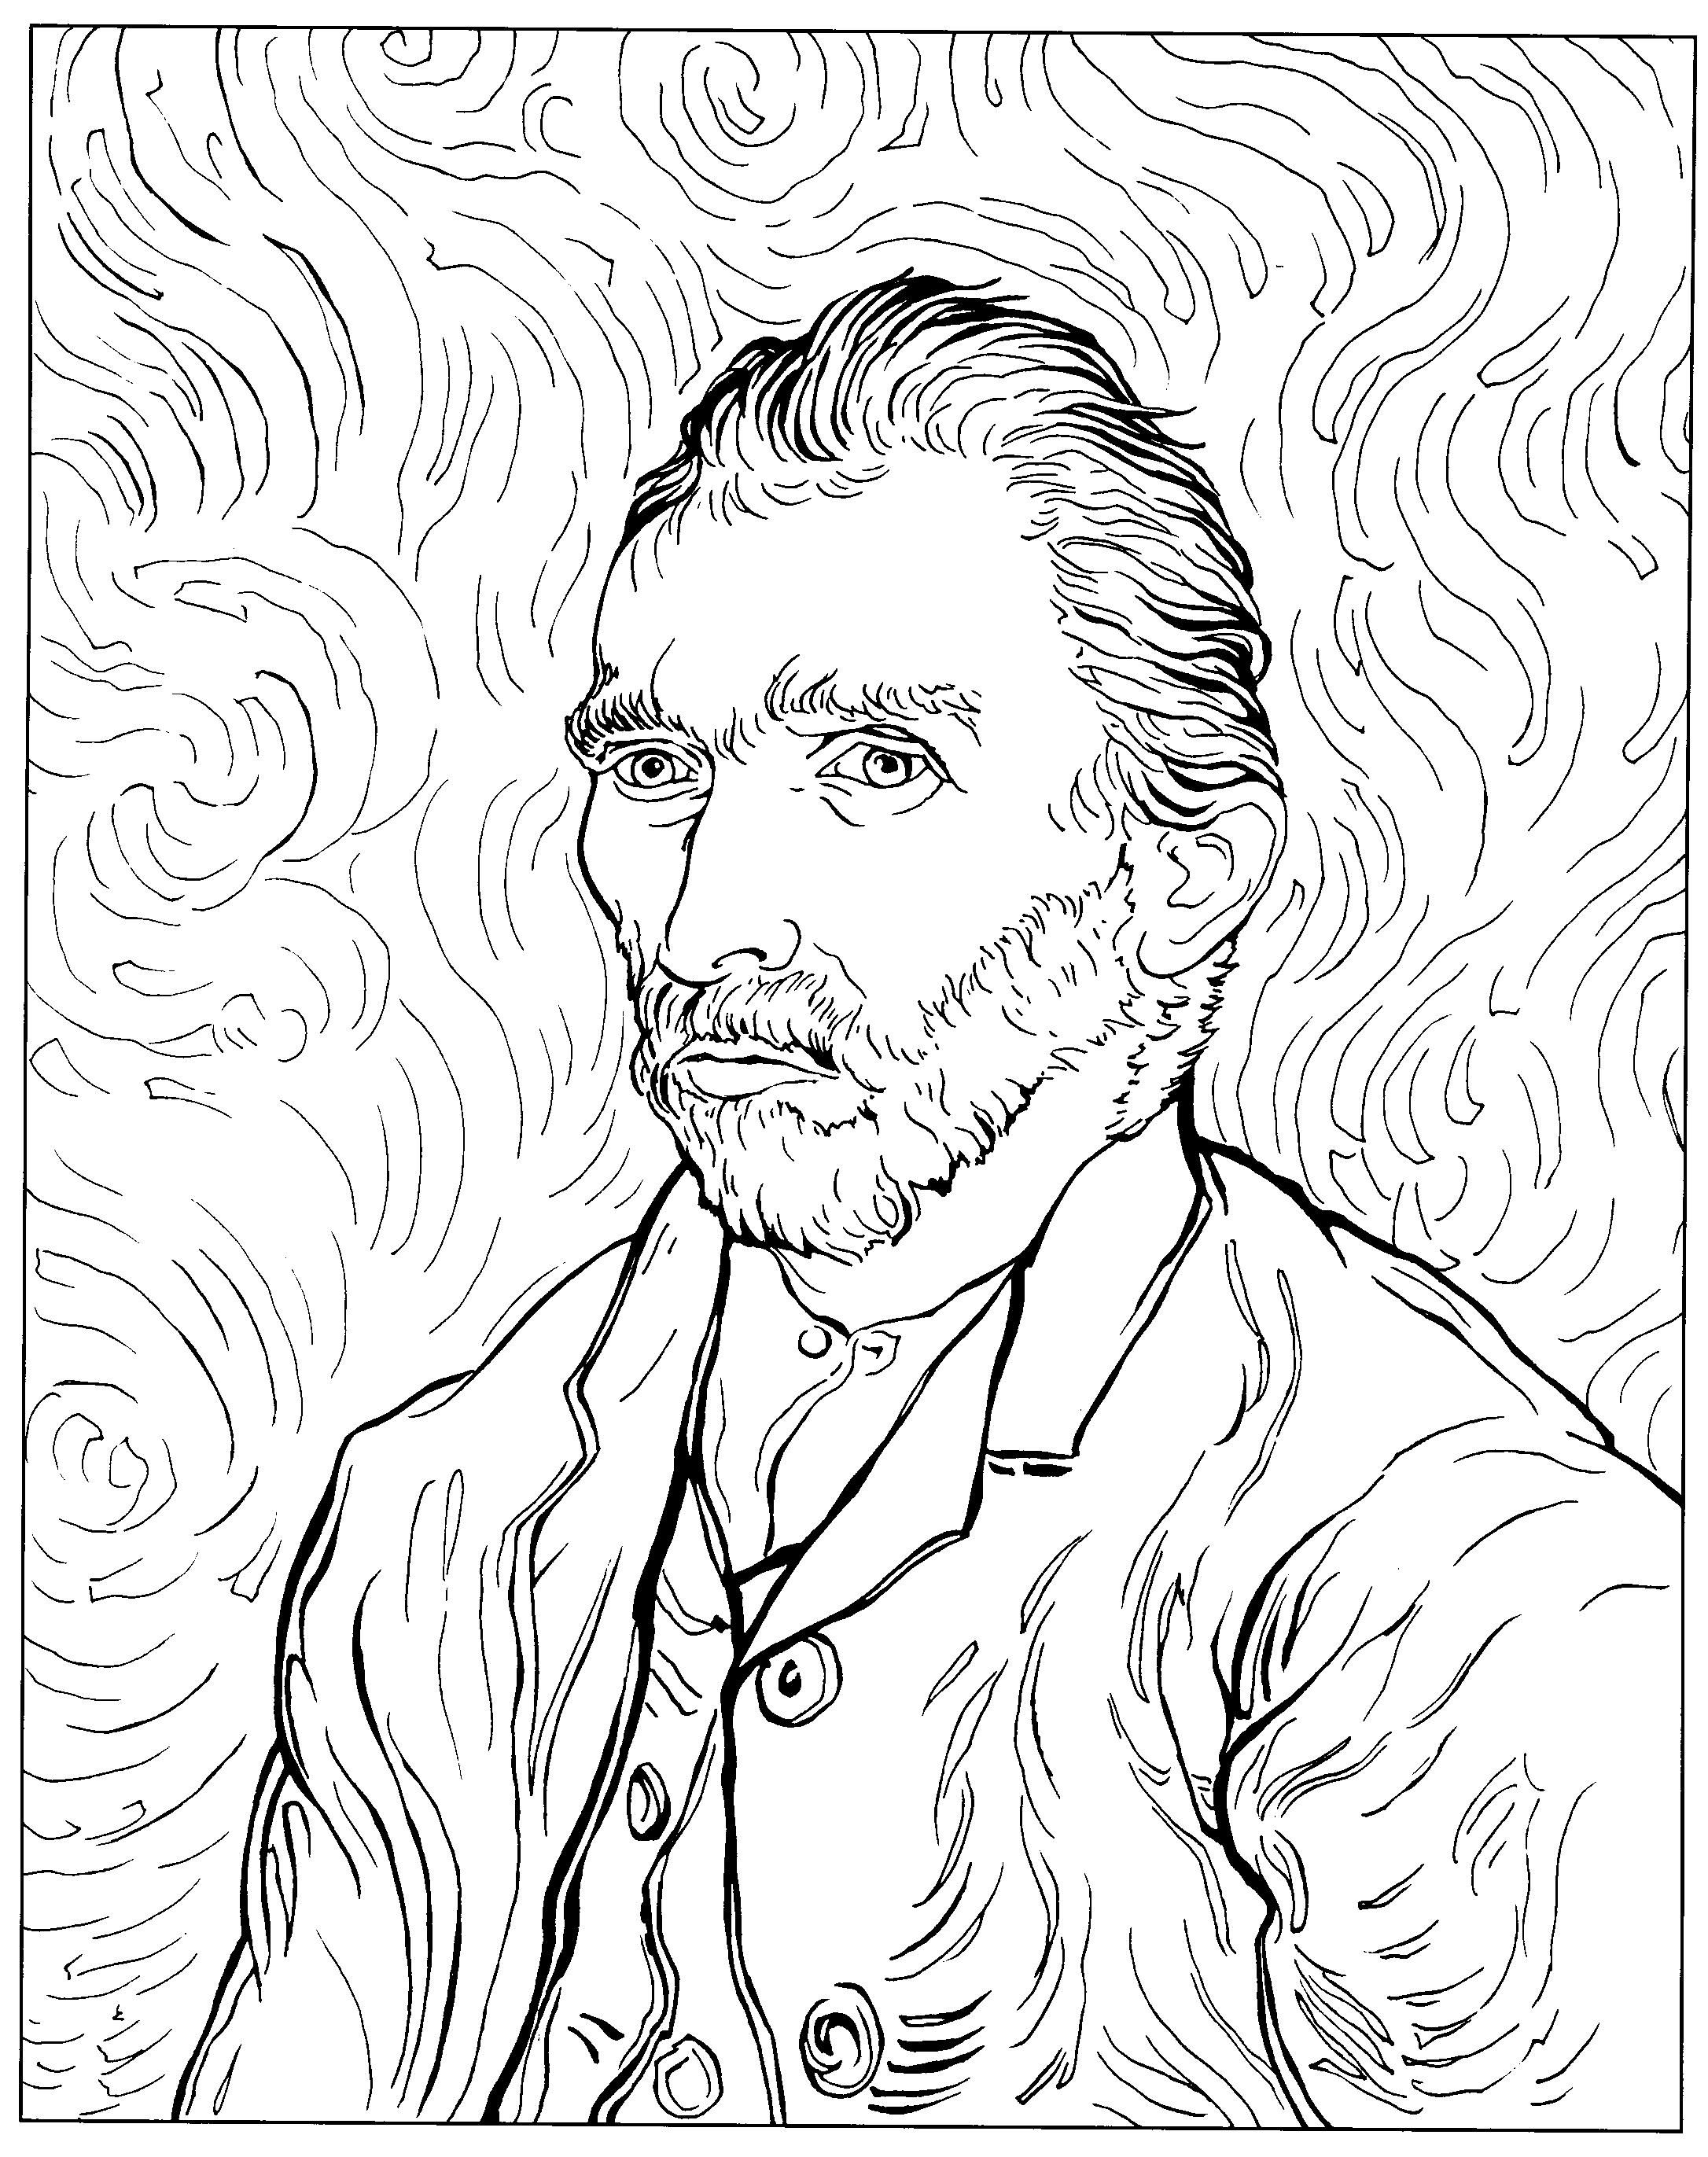 bild vg_selbstjpg - Van Gogh Lebenslauf